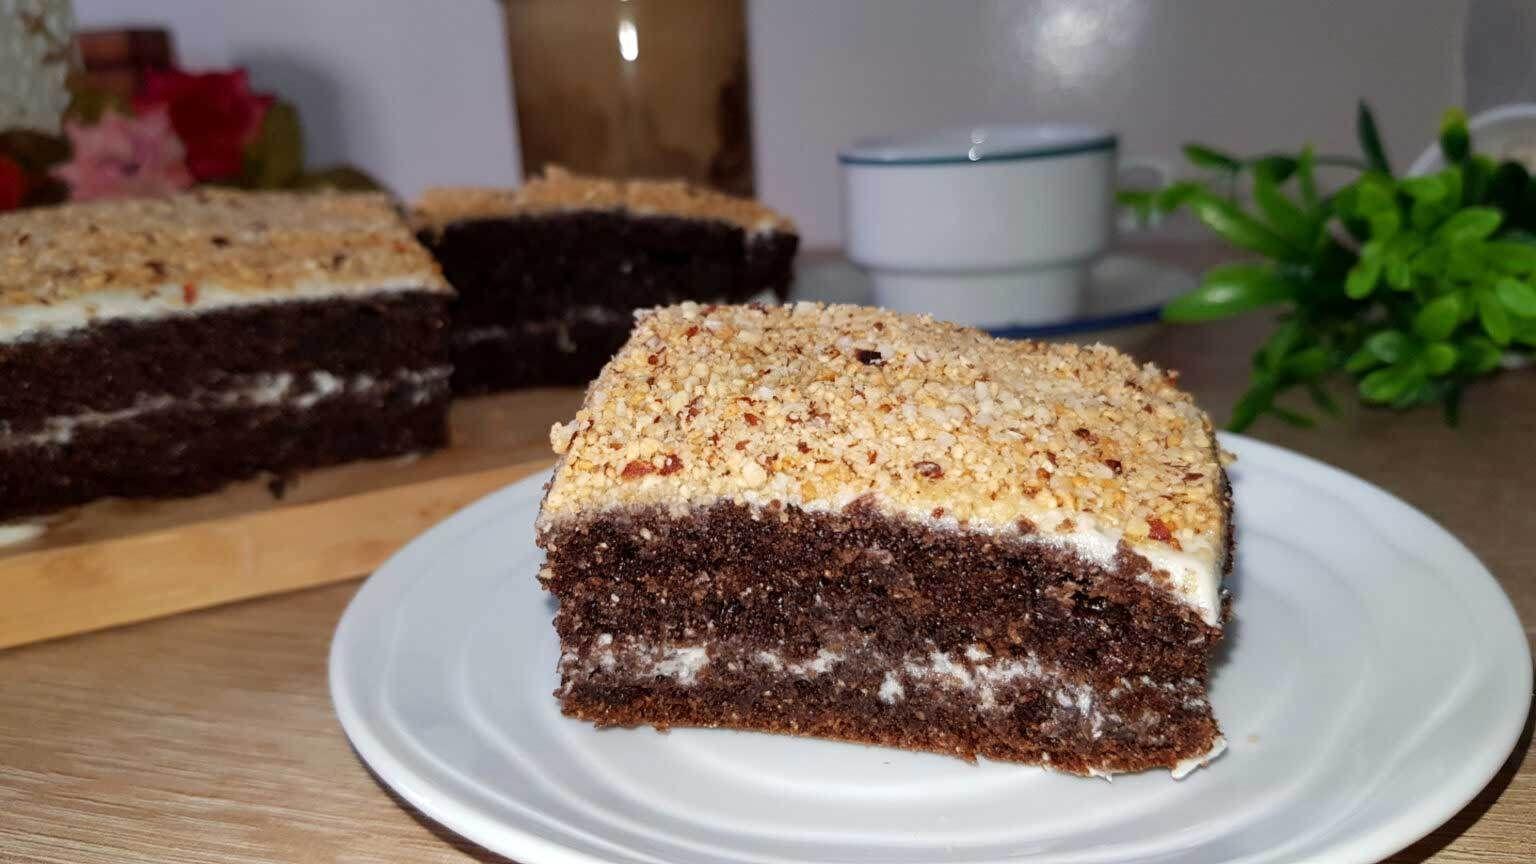 كيكة بدون سكر لريجيم محشوة بكريمة طبيعية بدون دقيق ابيض ولا زبدة ولا زيت صحية 100 Food Desserts Cake